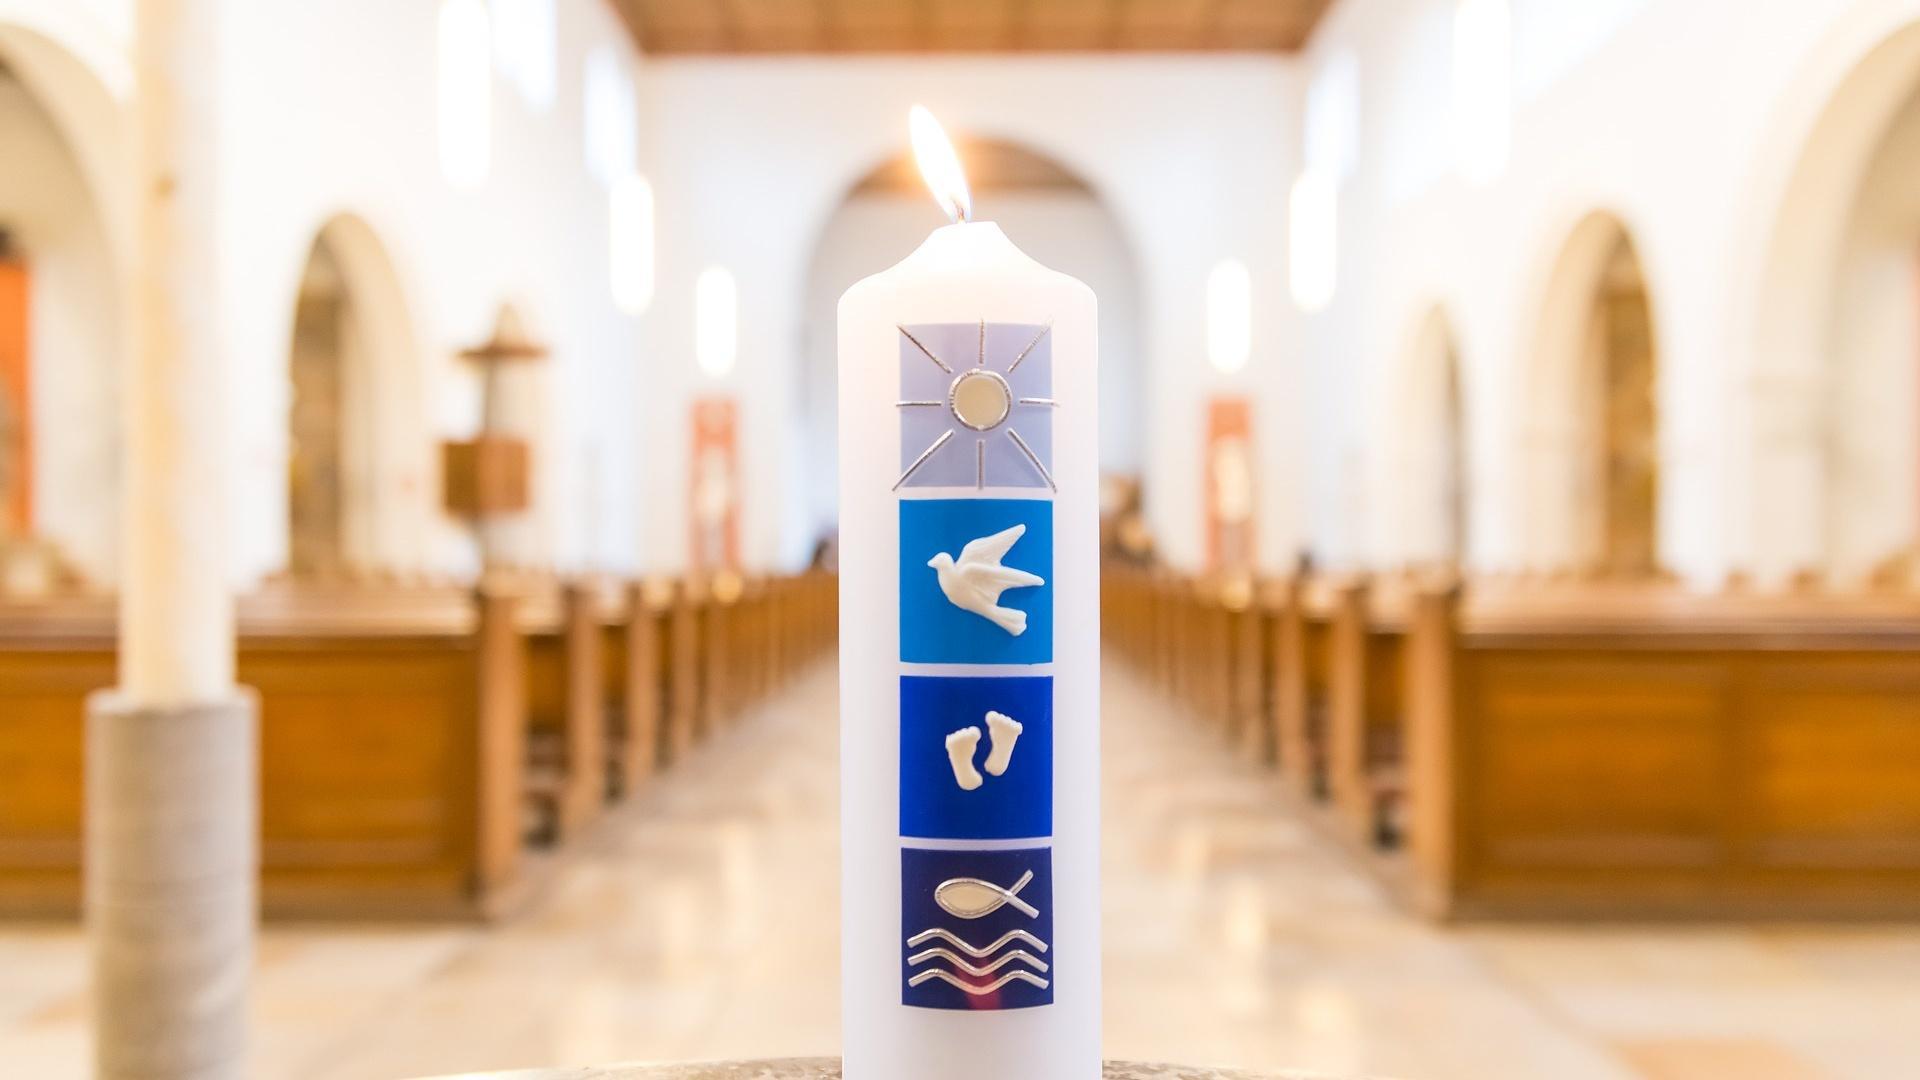 Katholische Taufe: Bedeutung und Ablauf